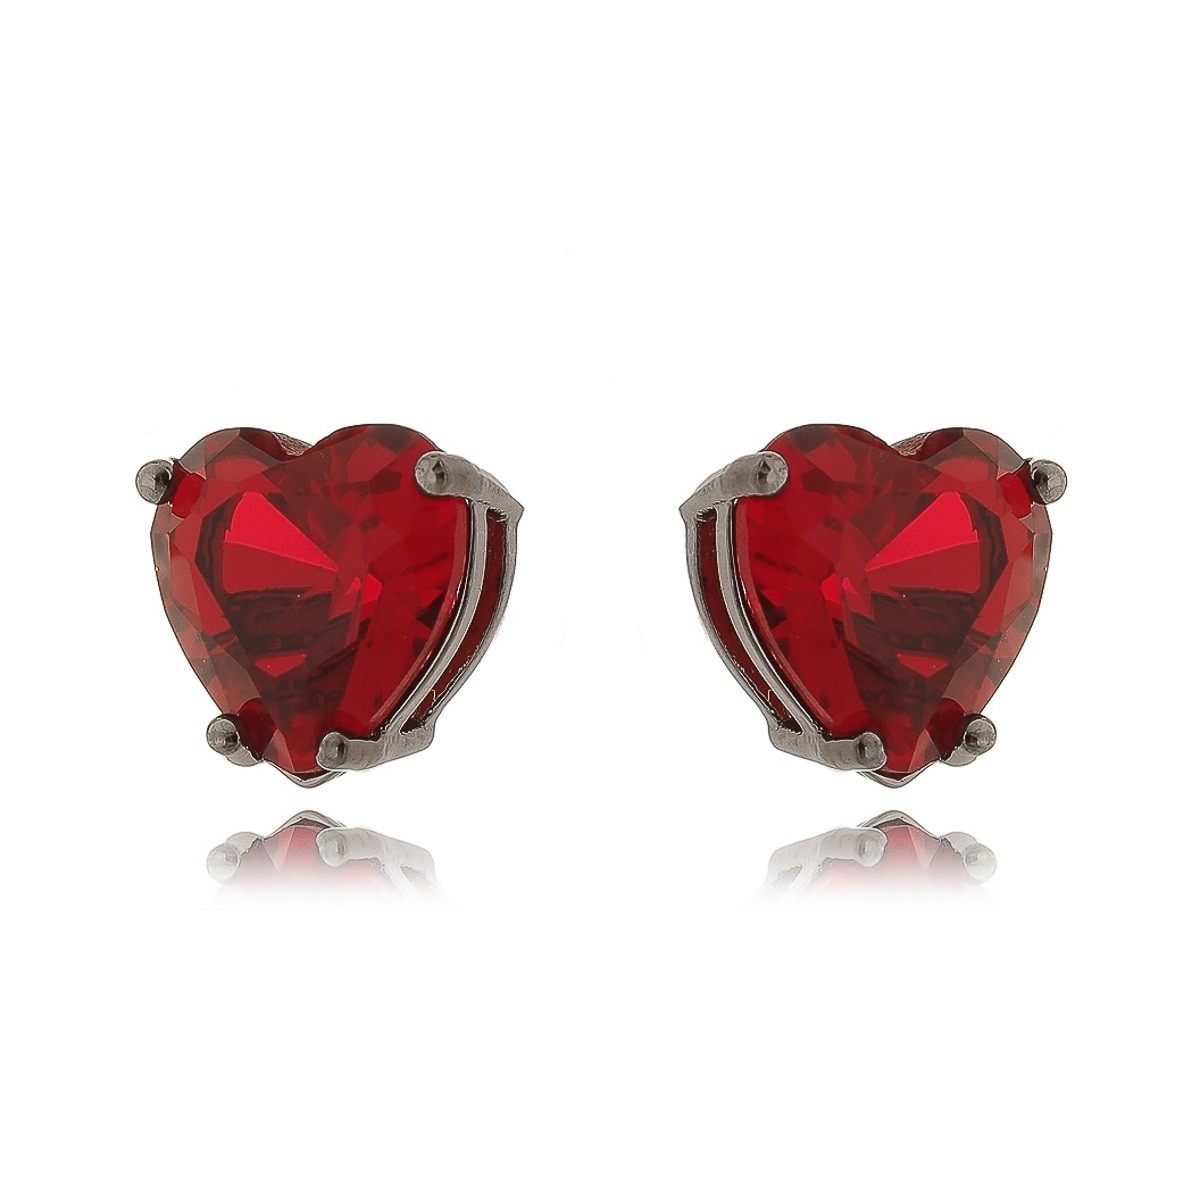 Brinco de Coração Rubi Vermelho 10 mm Semijoia em Ródio Negro  - SOLOYOU